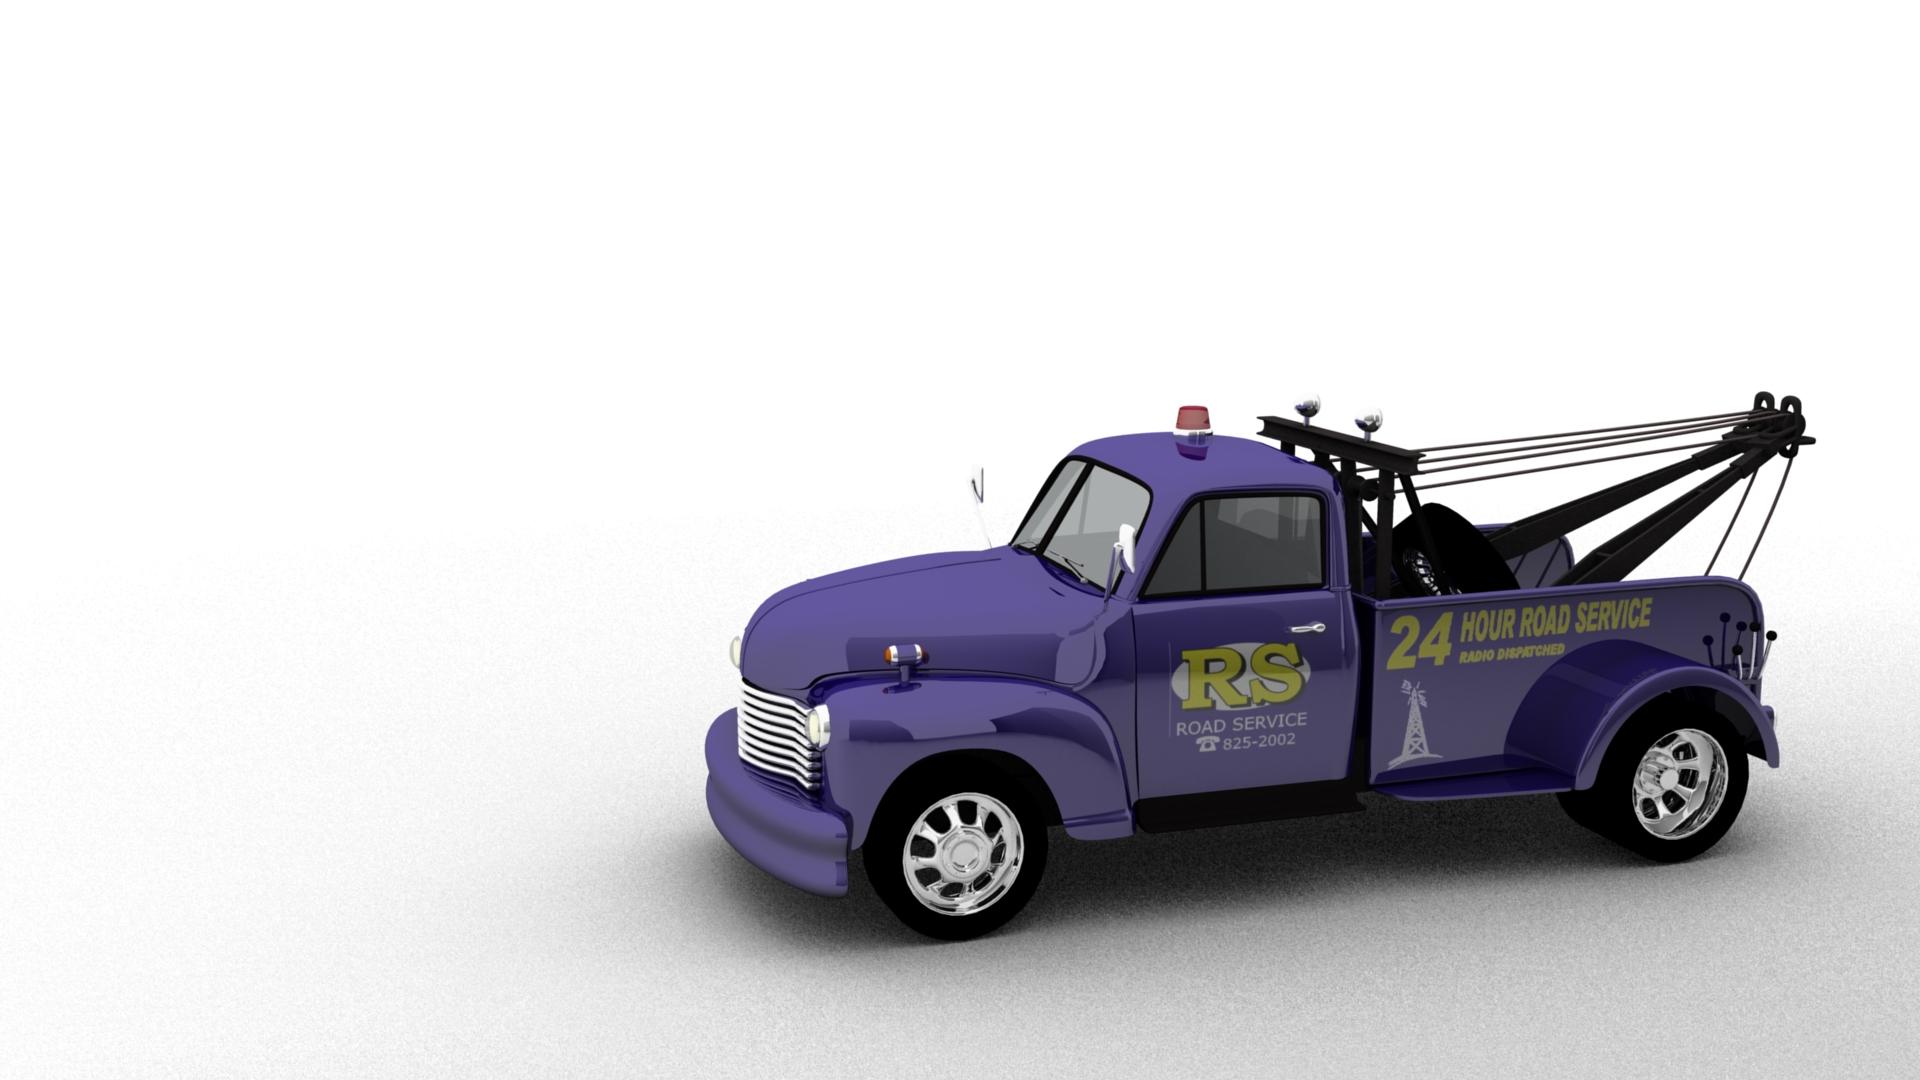 http://avtanski.net/blender/truck/truck_1920x1080.jpg